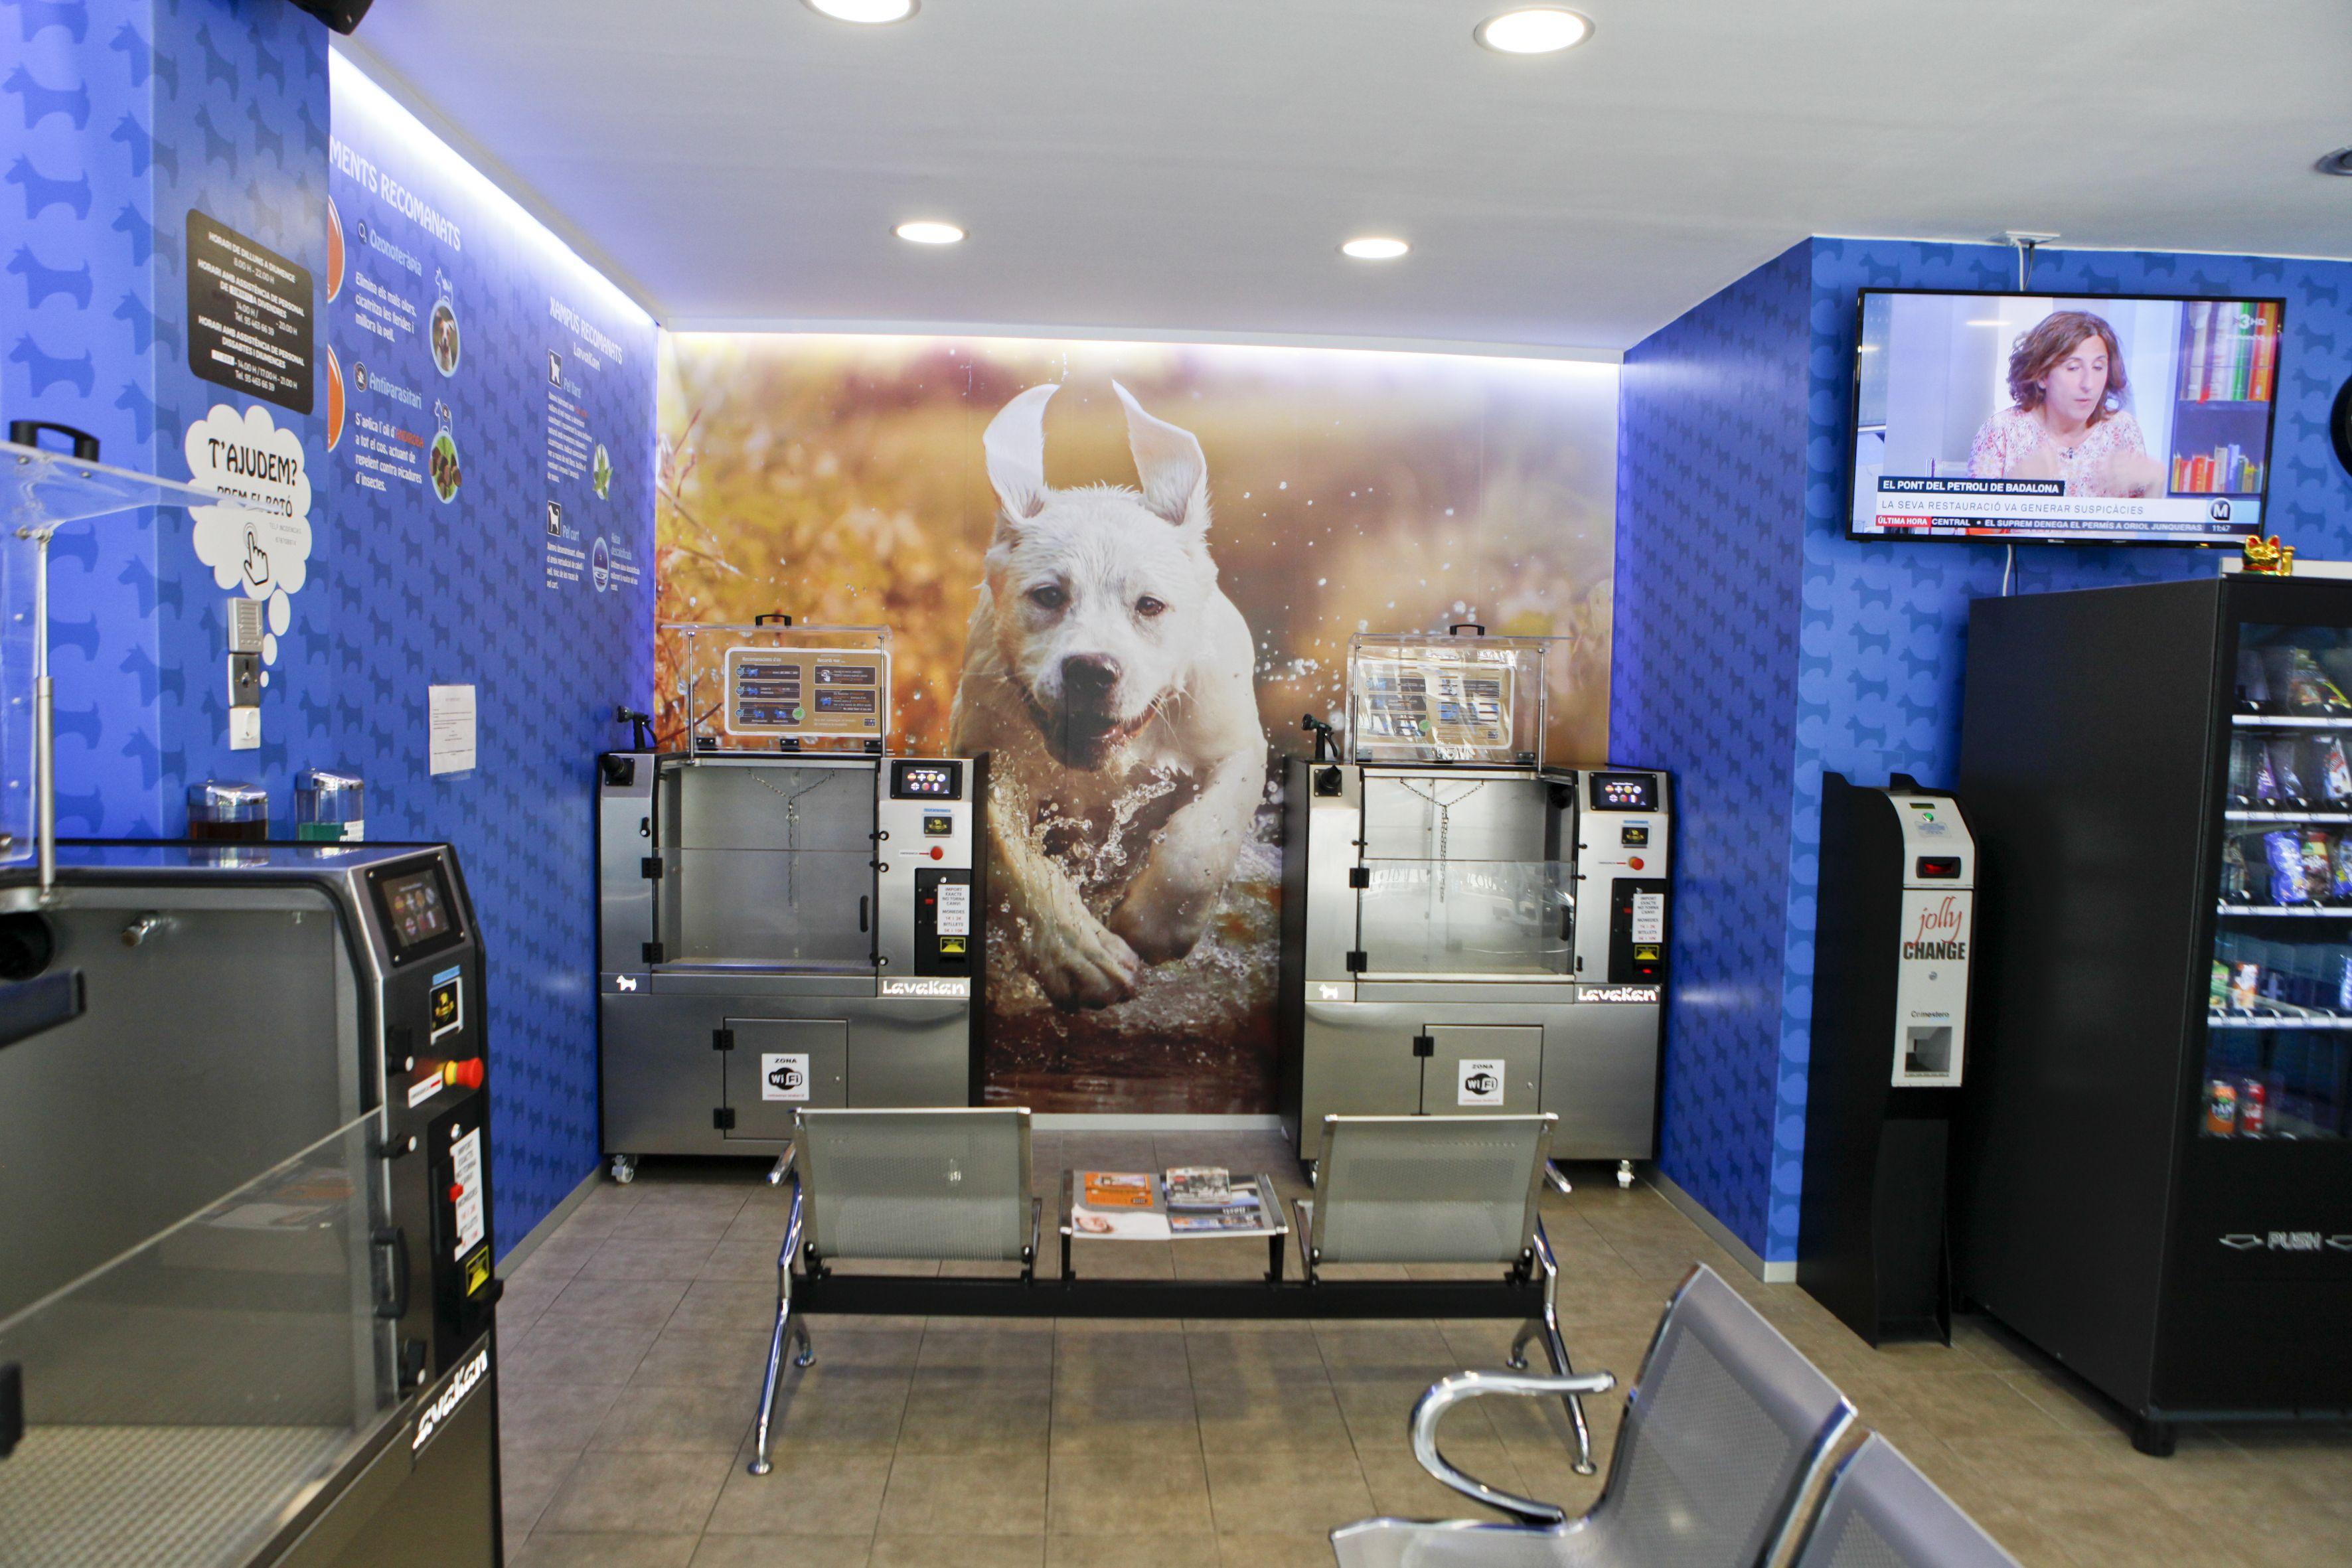 Disposen de diverses màquines on pots netejar la teva mascota FOTO: Cedida